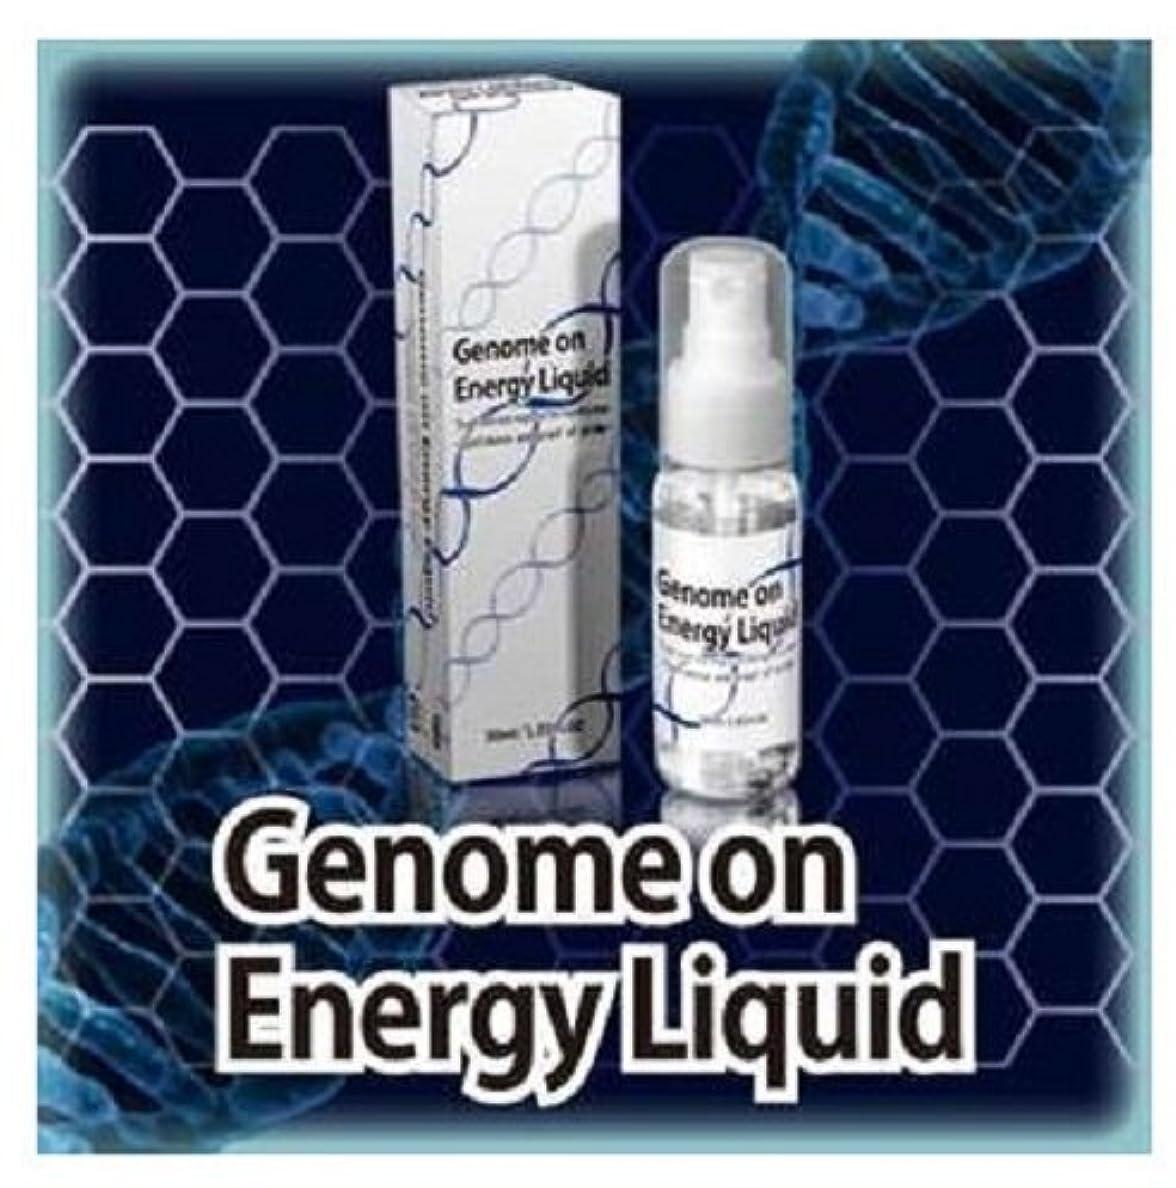 応援するヒューム繊維ゲノムオンエナジーリキッド Genome on Energy Liquid